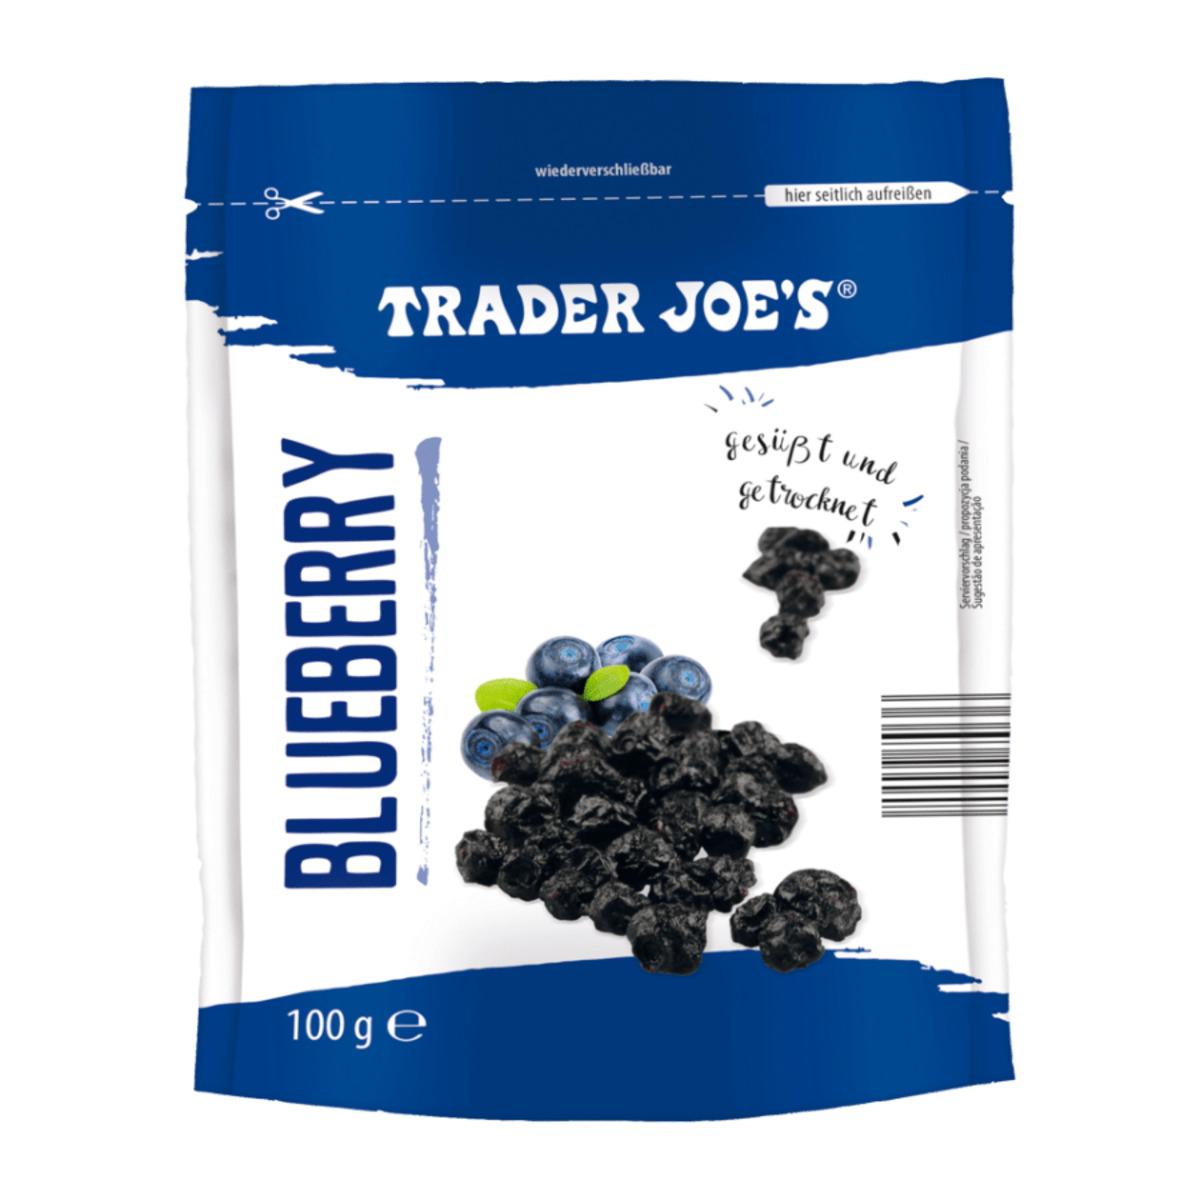 Bild 2 von TRADER JOE'S     Getrocknete Früchte